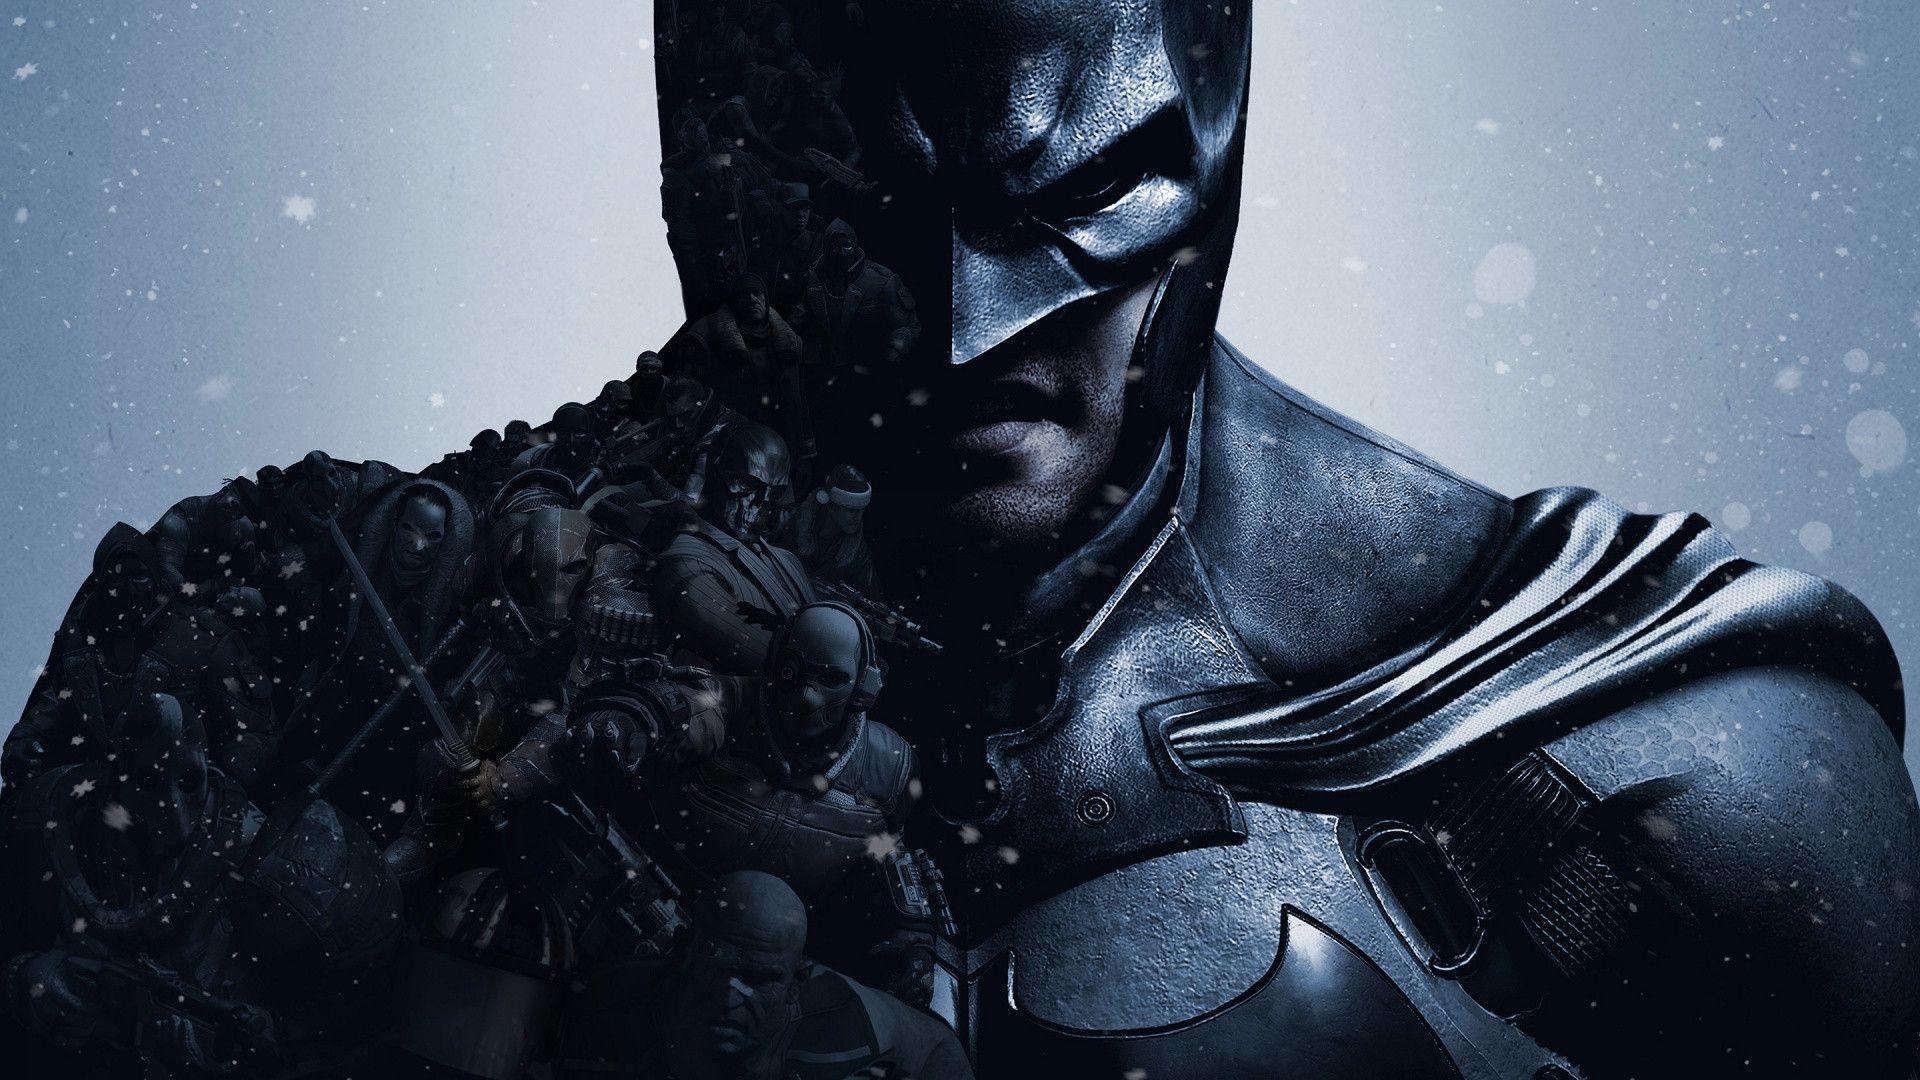 Batman HD desktop wallpaper : Widescreen : High Definition ...